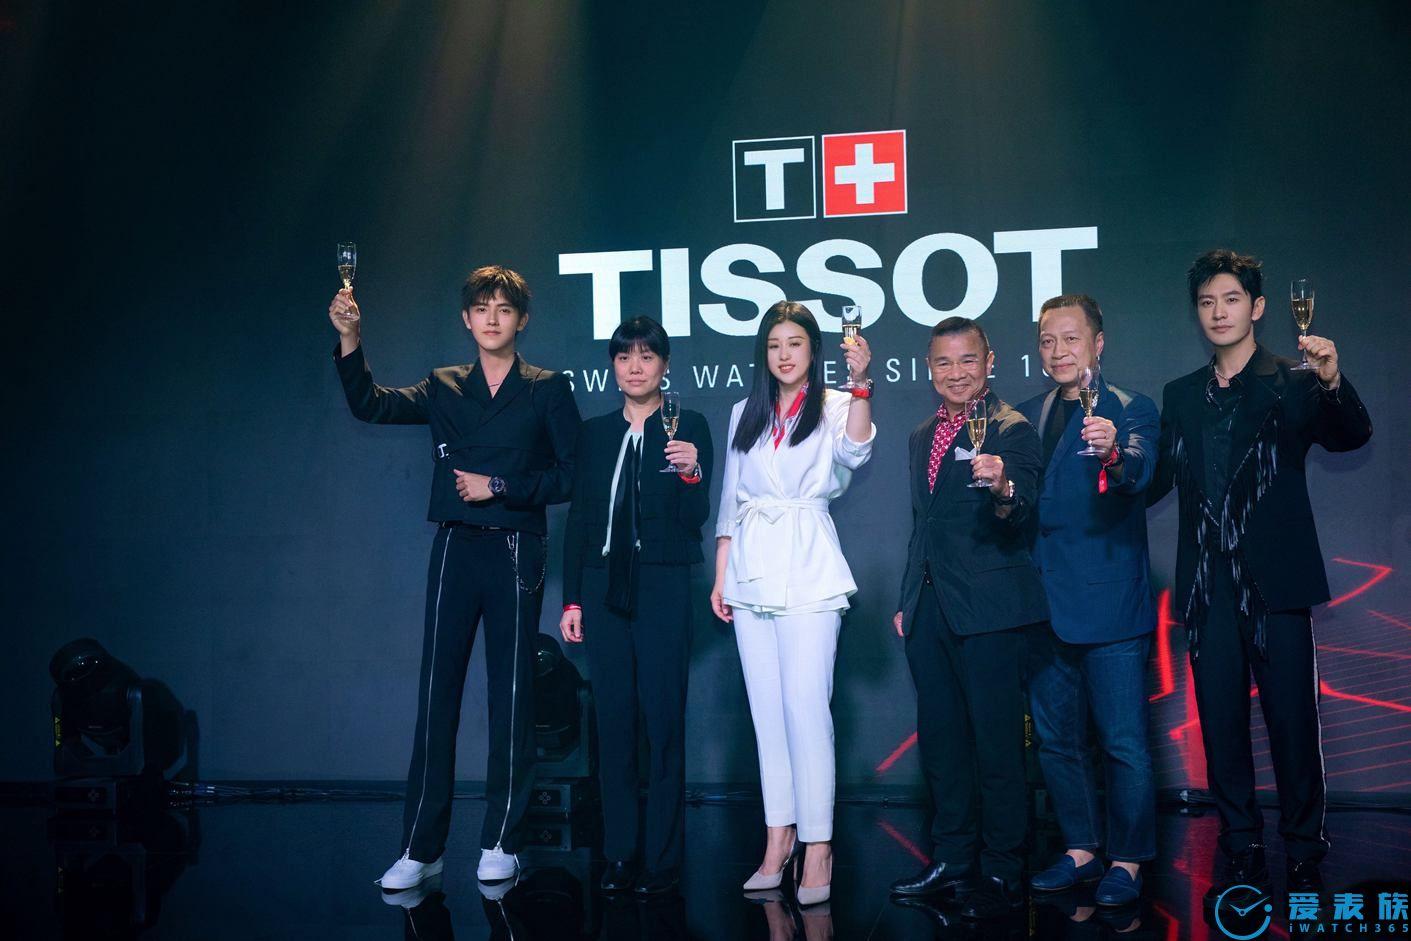 图16:戴俊珺女士与陈飞宇、黄晓明先生等嘉宾共同宣布TISSOT天梭腾智·无界系列腕表的正式发布